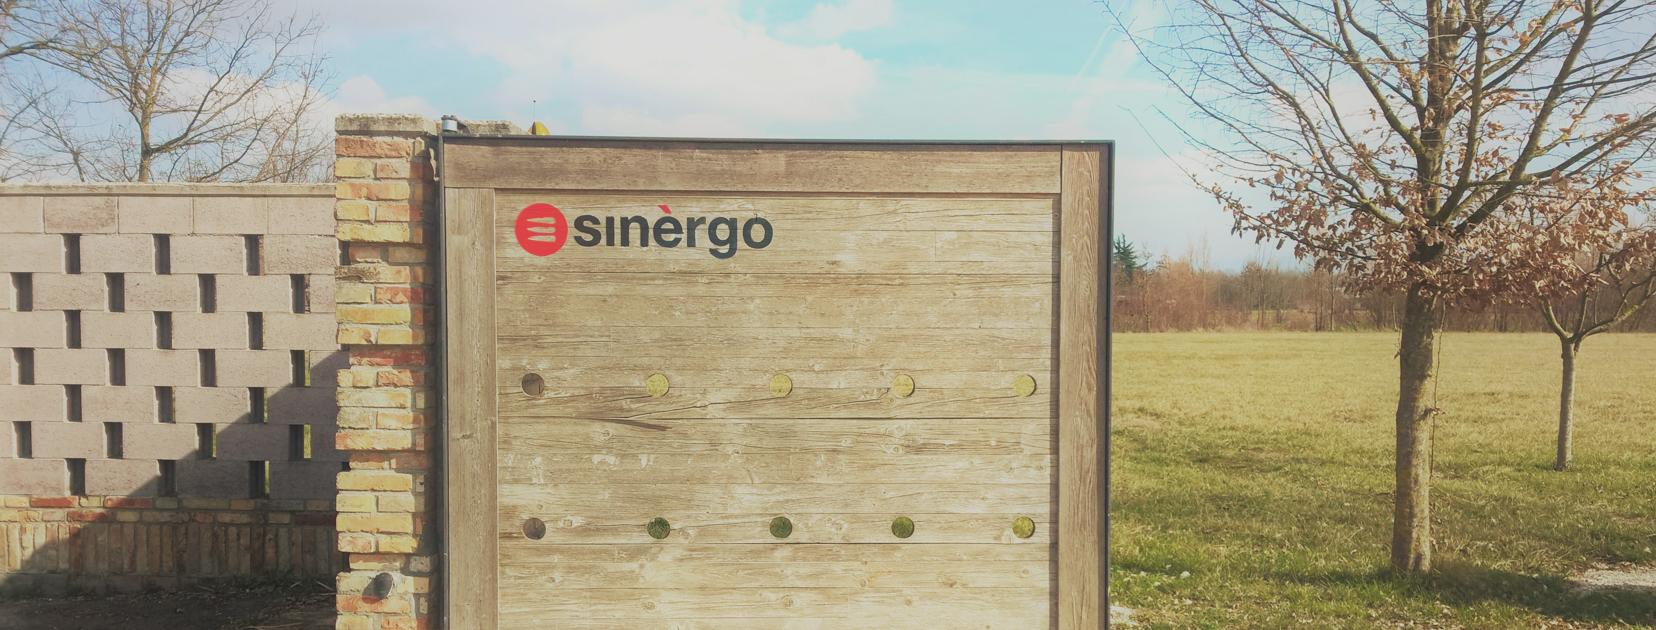 Ingresso di Sinergo Spa - Martellago (VE).